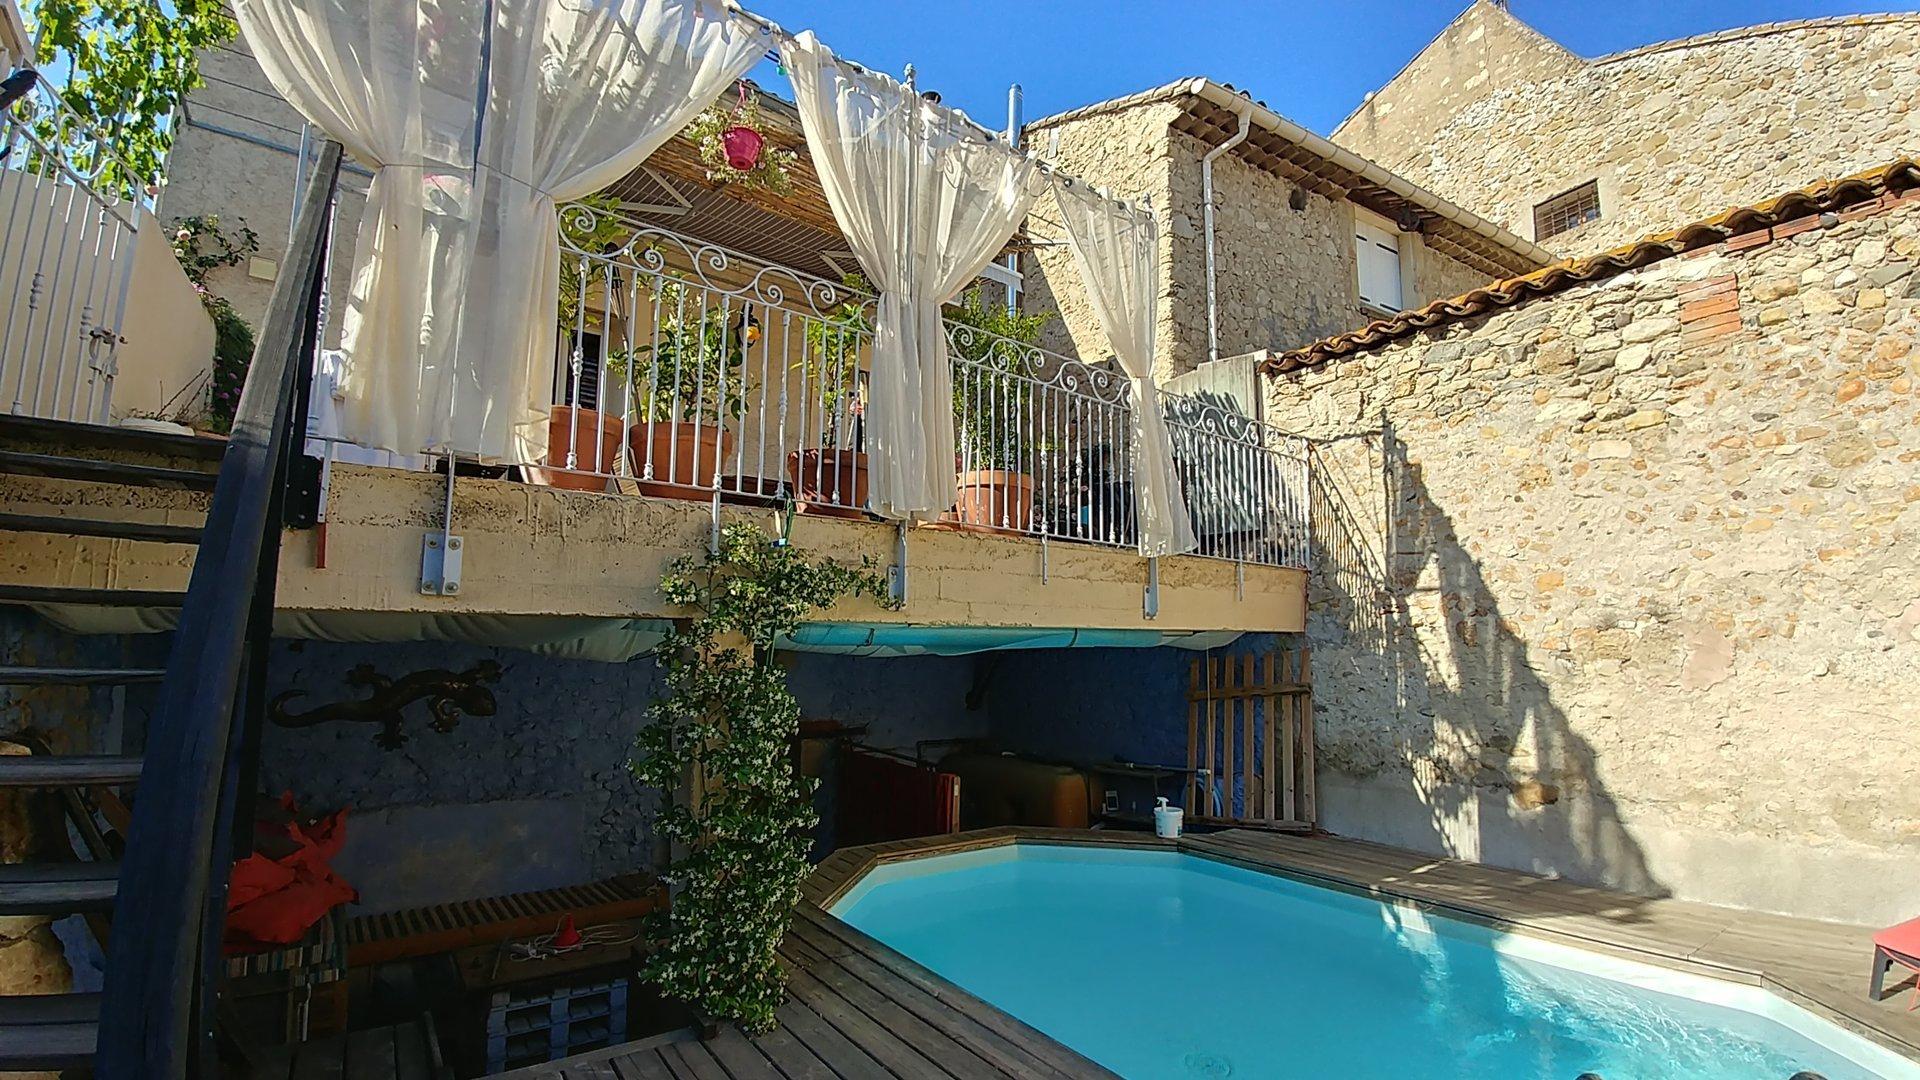 Vinbondehus med garage, terrass och pool